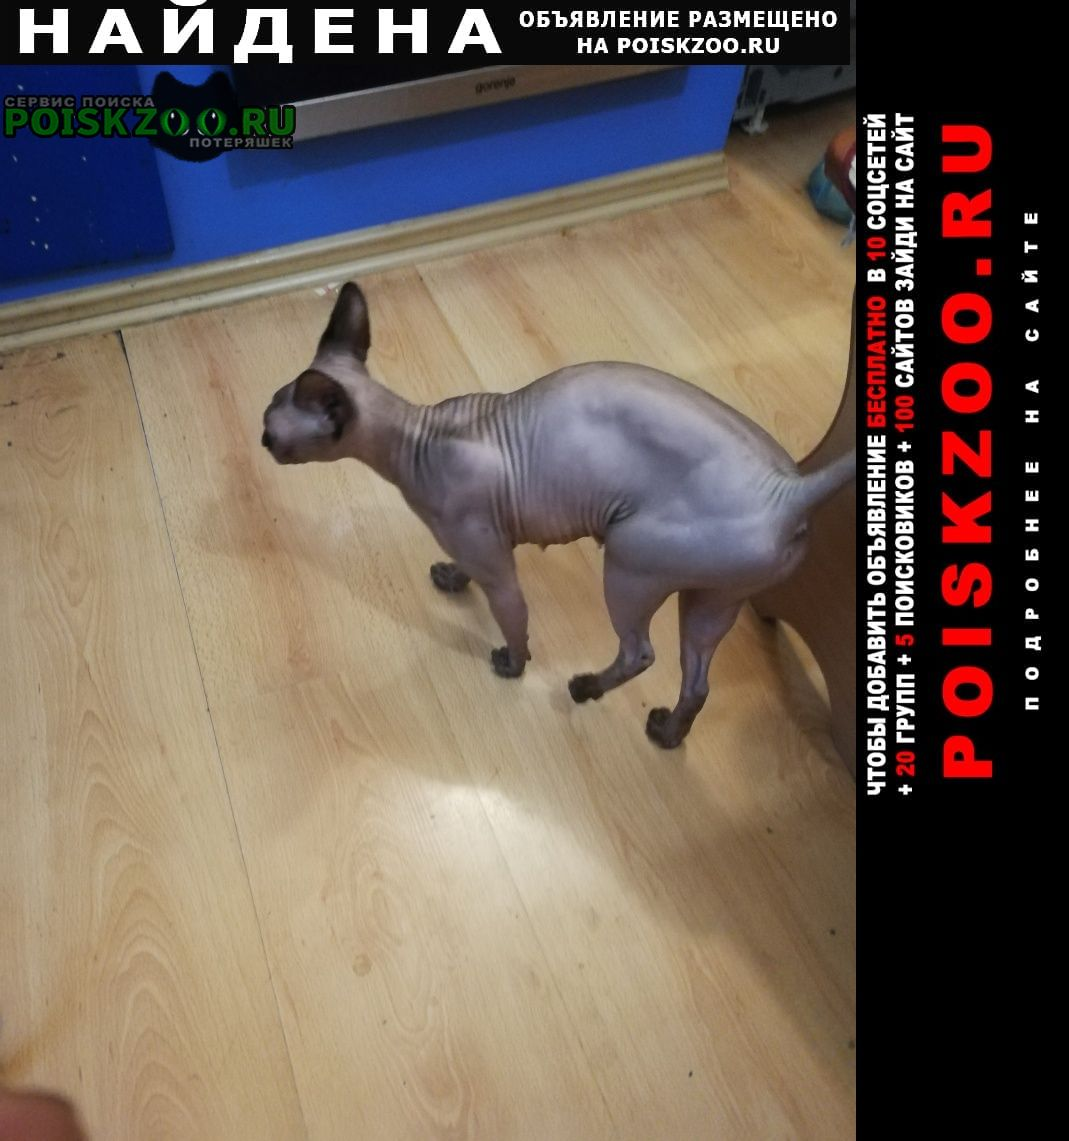 Найдена кошка канадский сфинкс Тимашевск